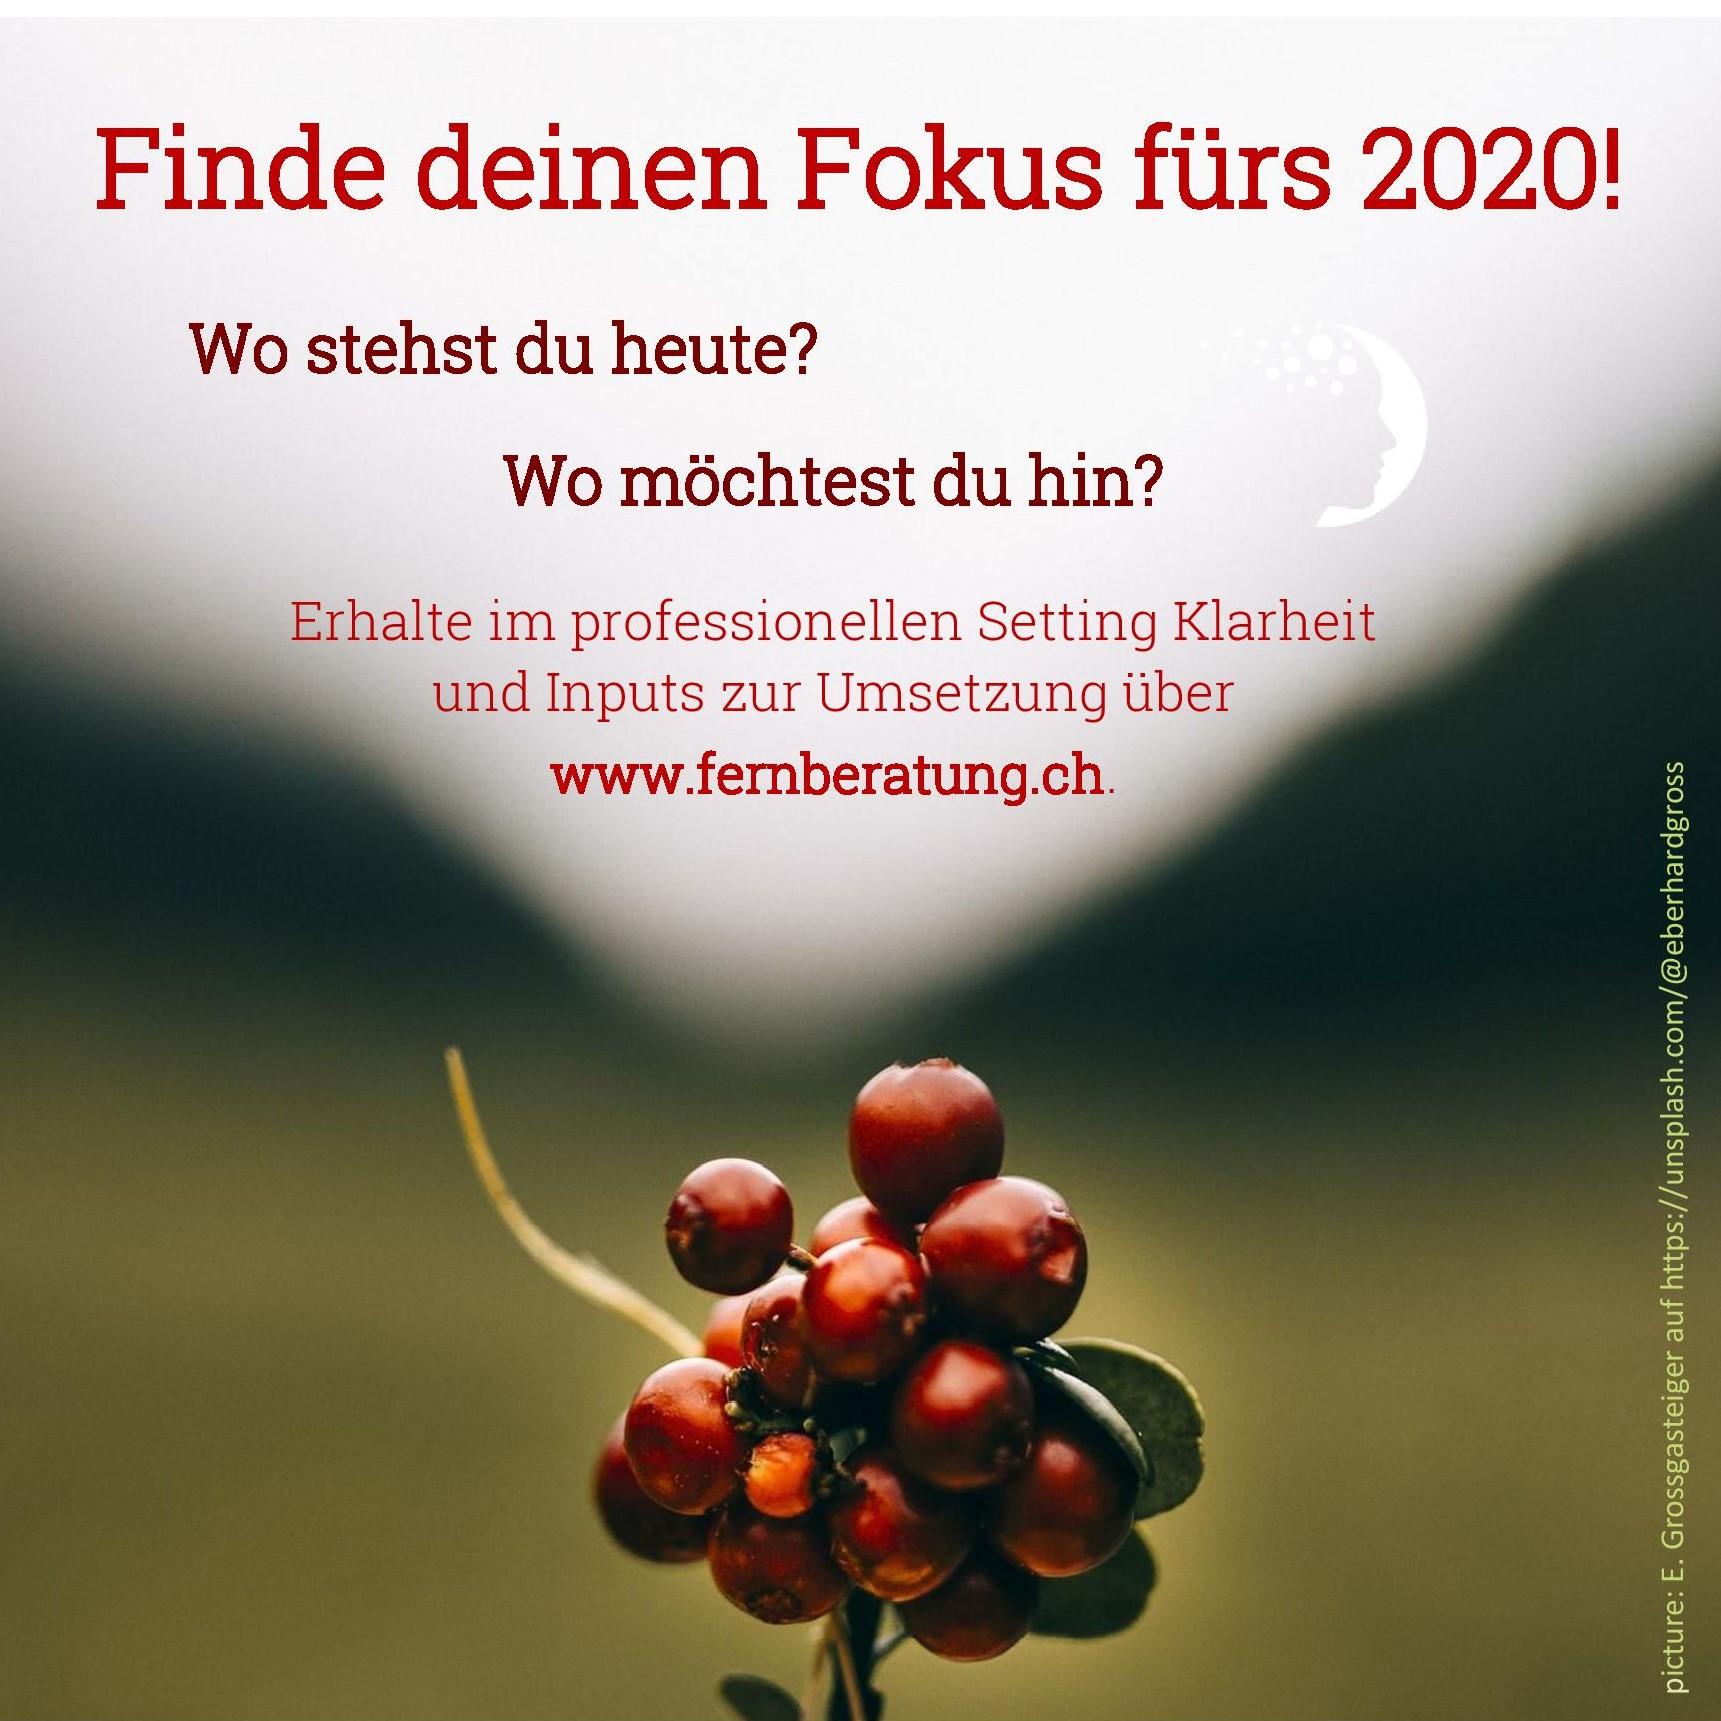 Finde deinen Fokus fürs 2020!